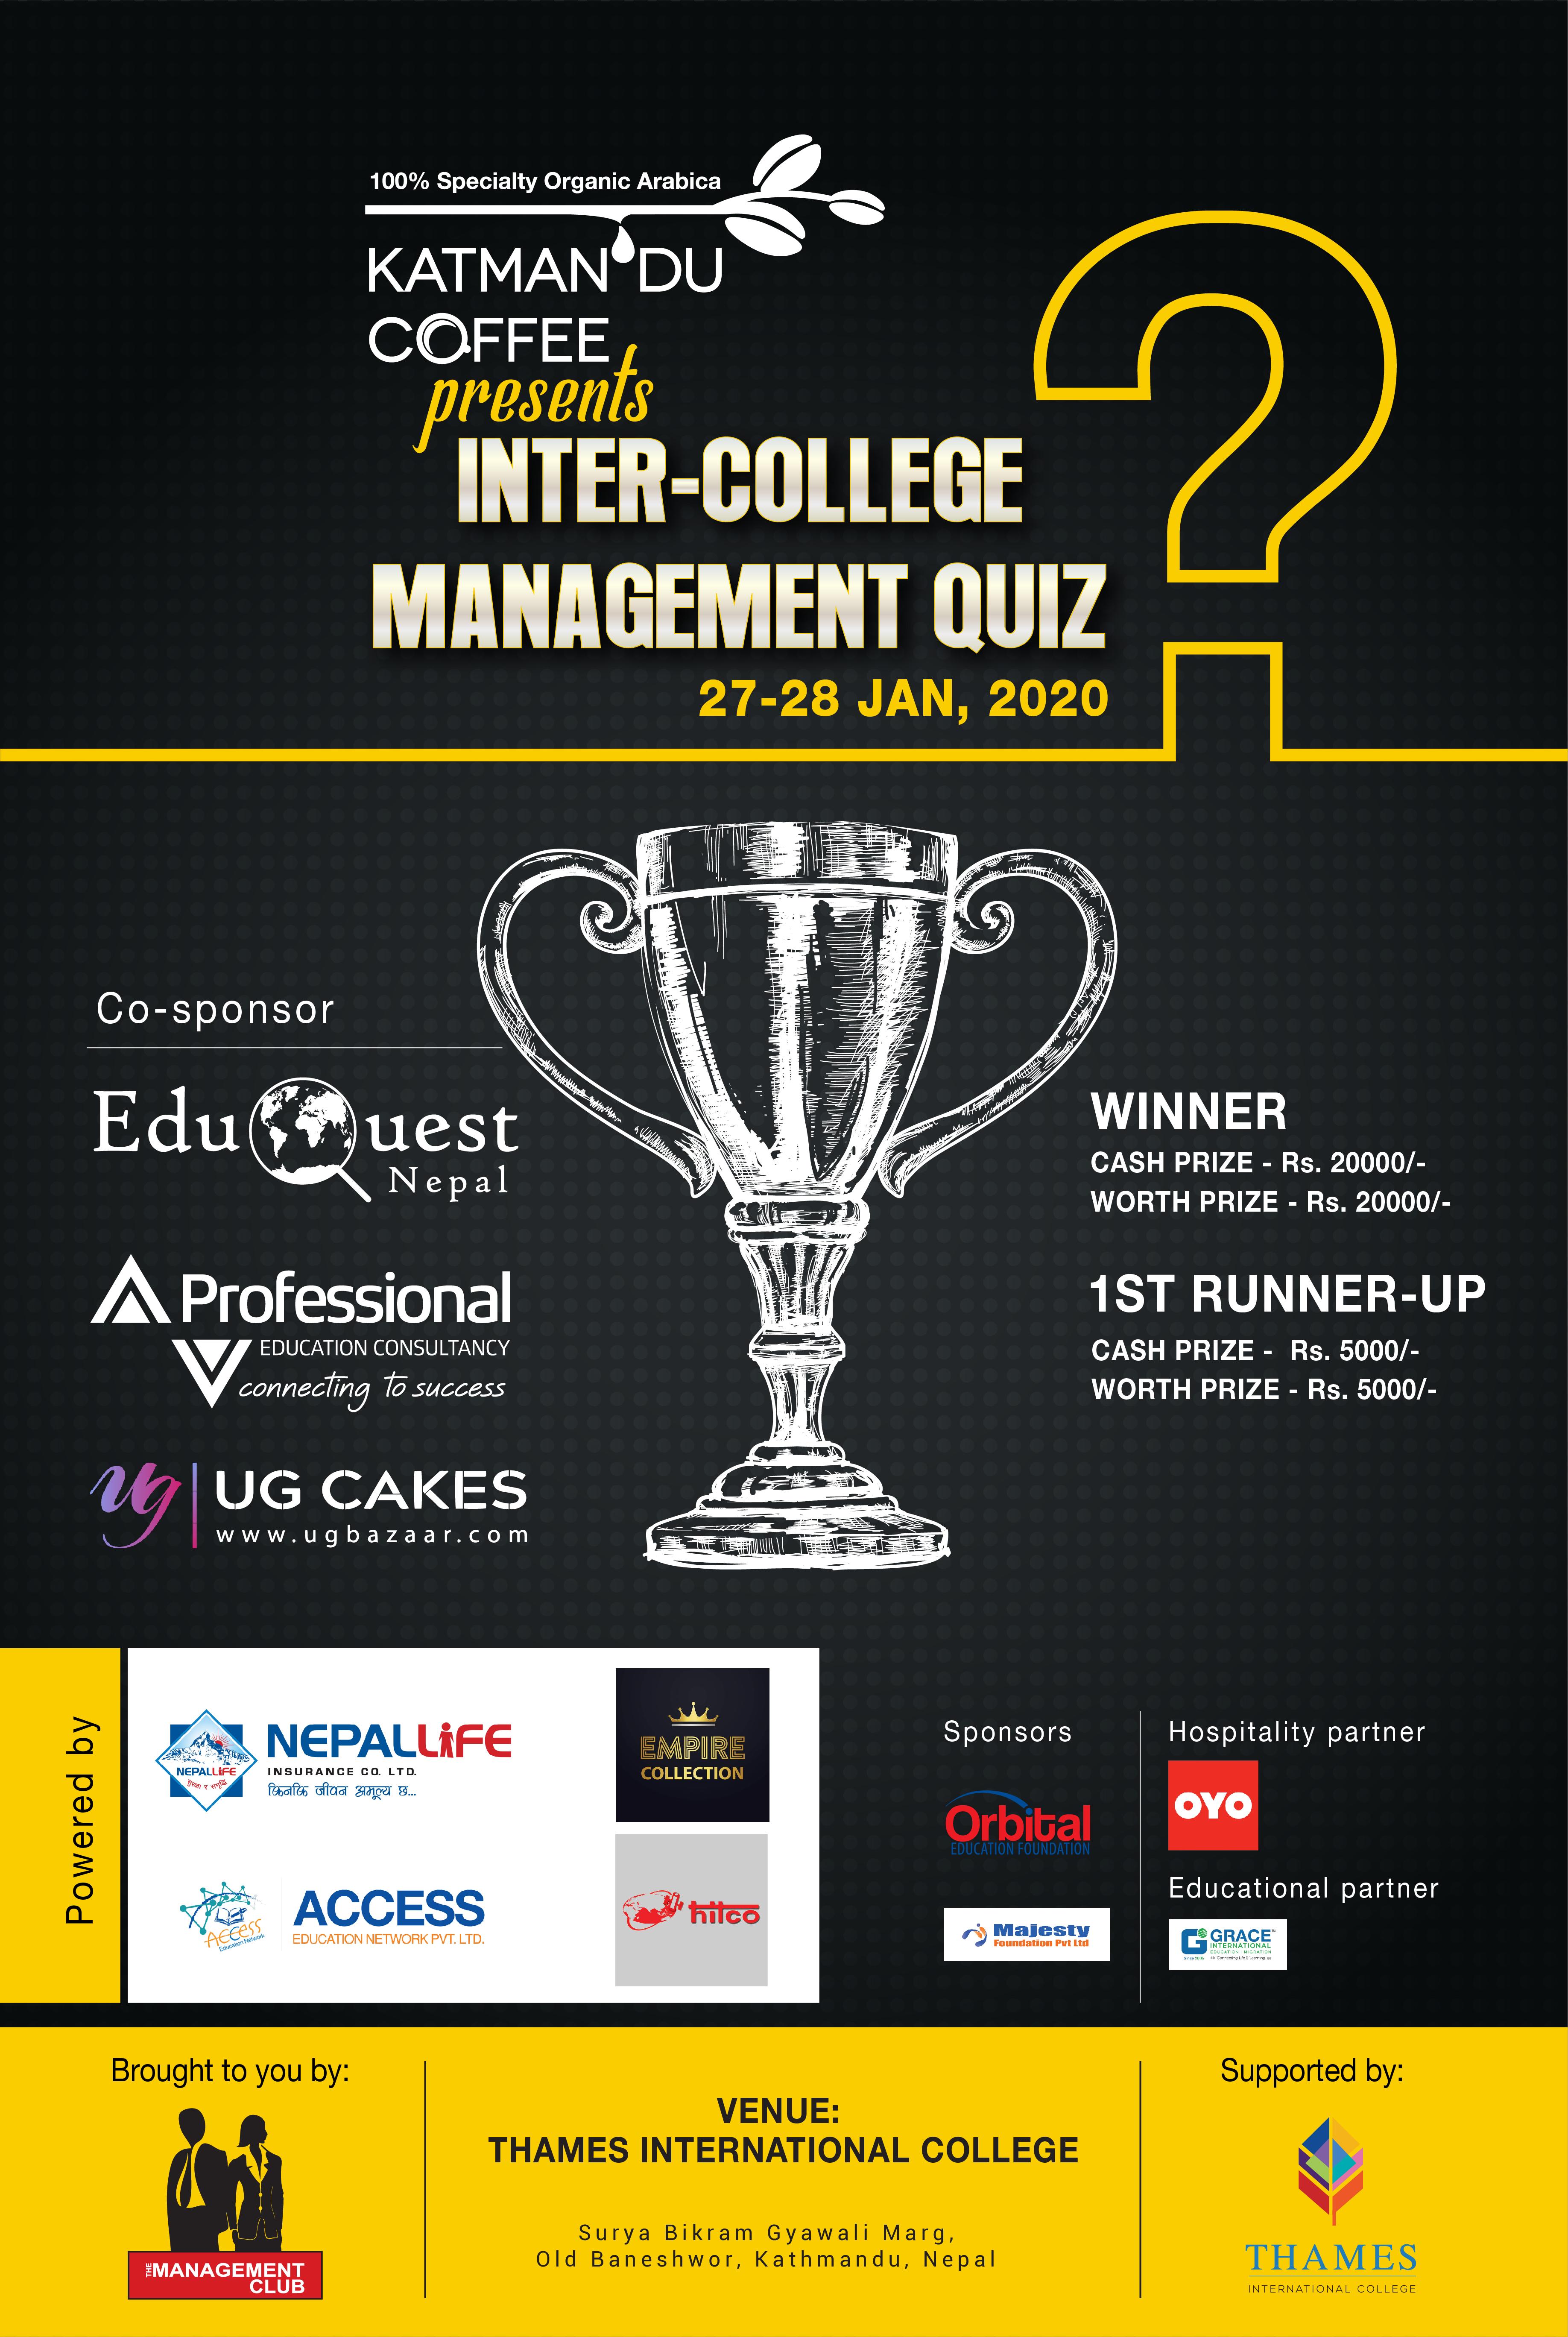 Inter-College Management Quiz